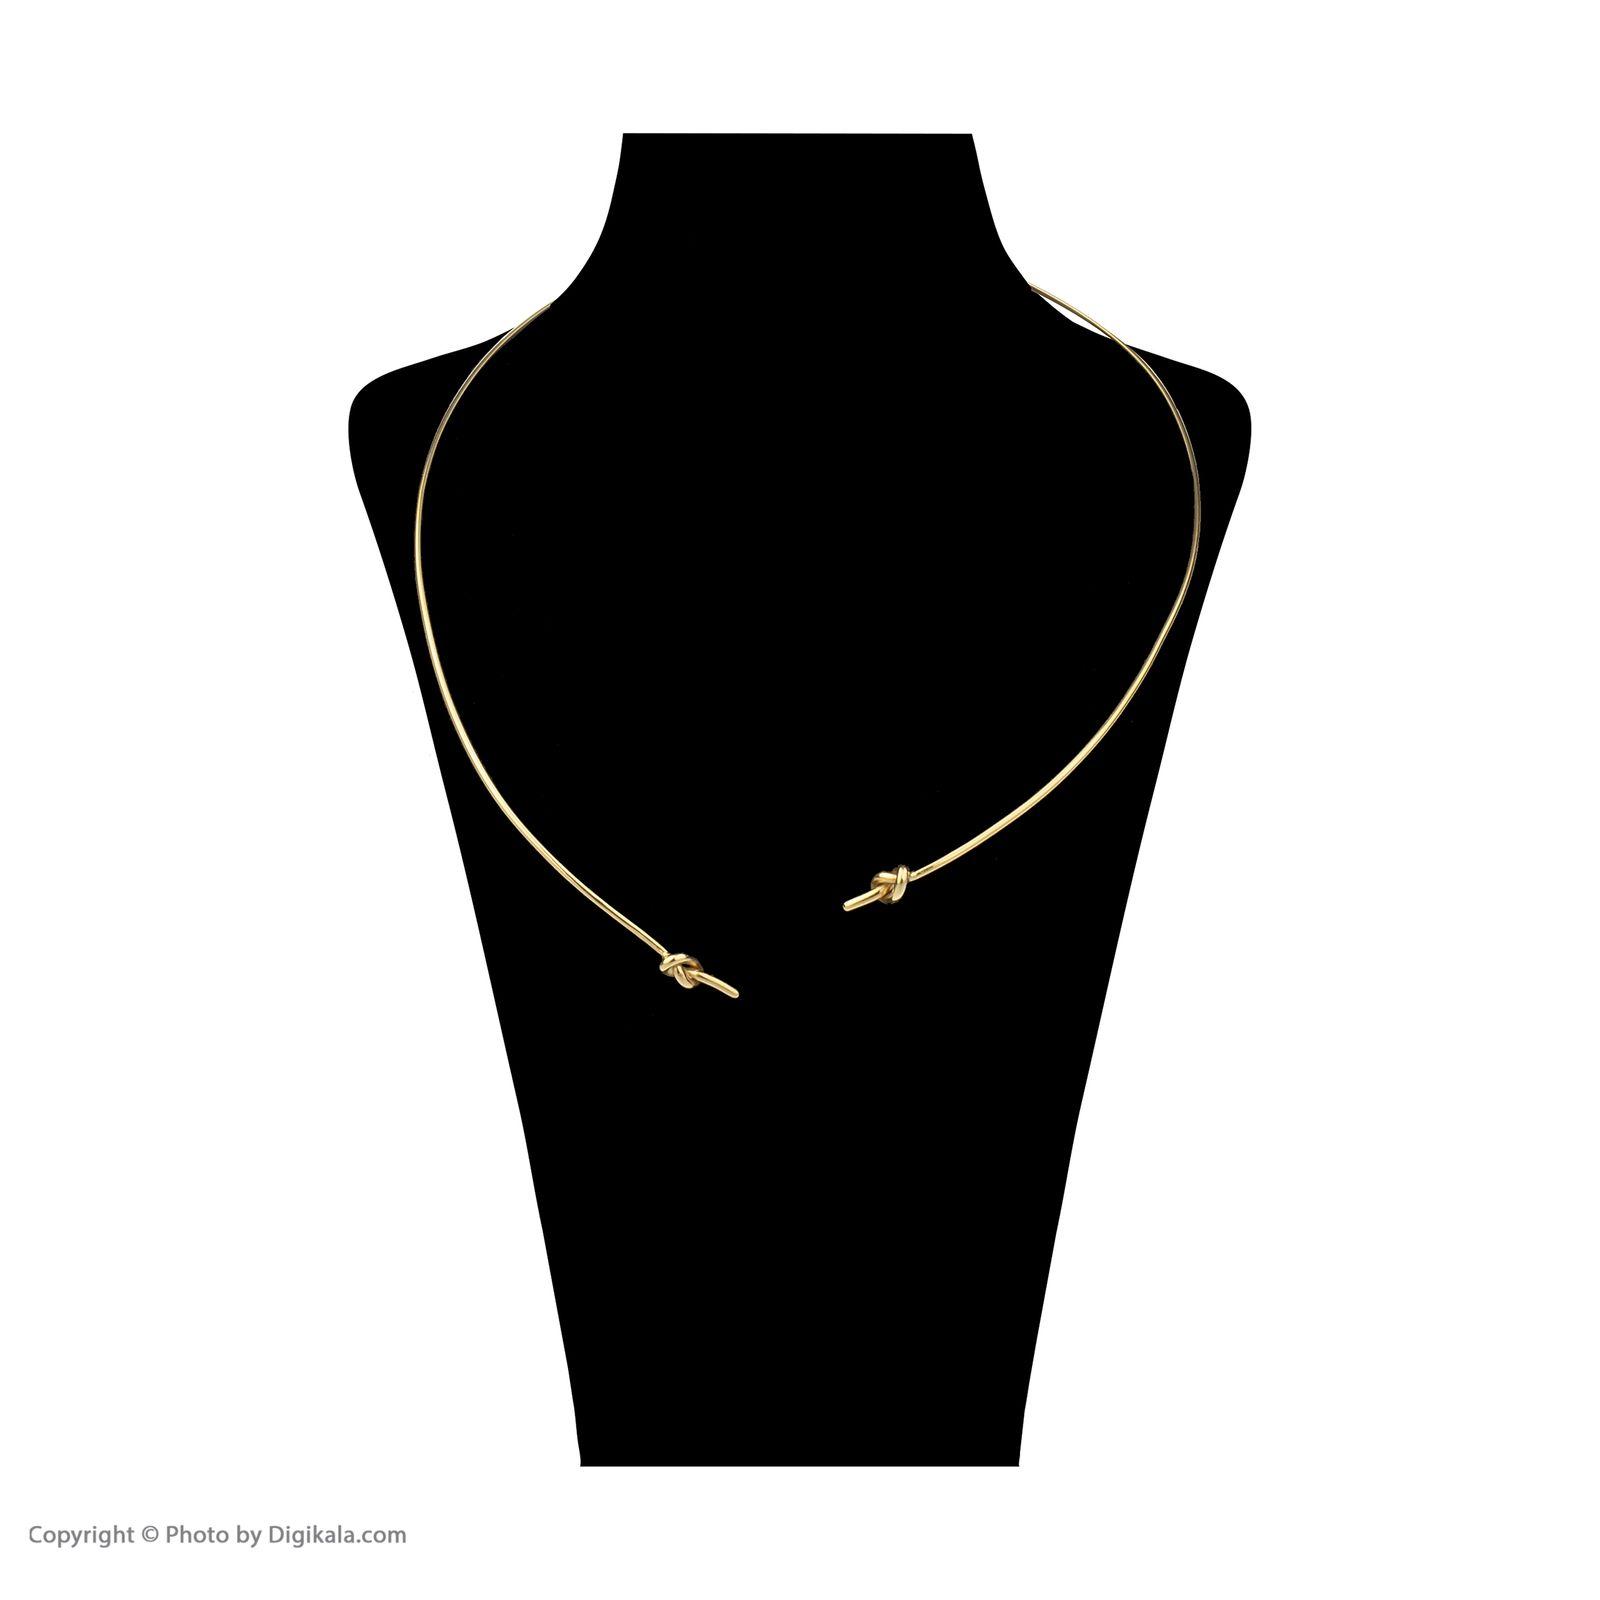 گردنبند طلا 18 عیار زنانه سنجاق مدل x026205 -  - 2